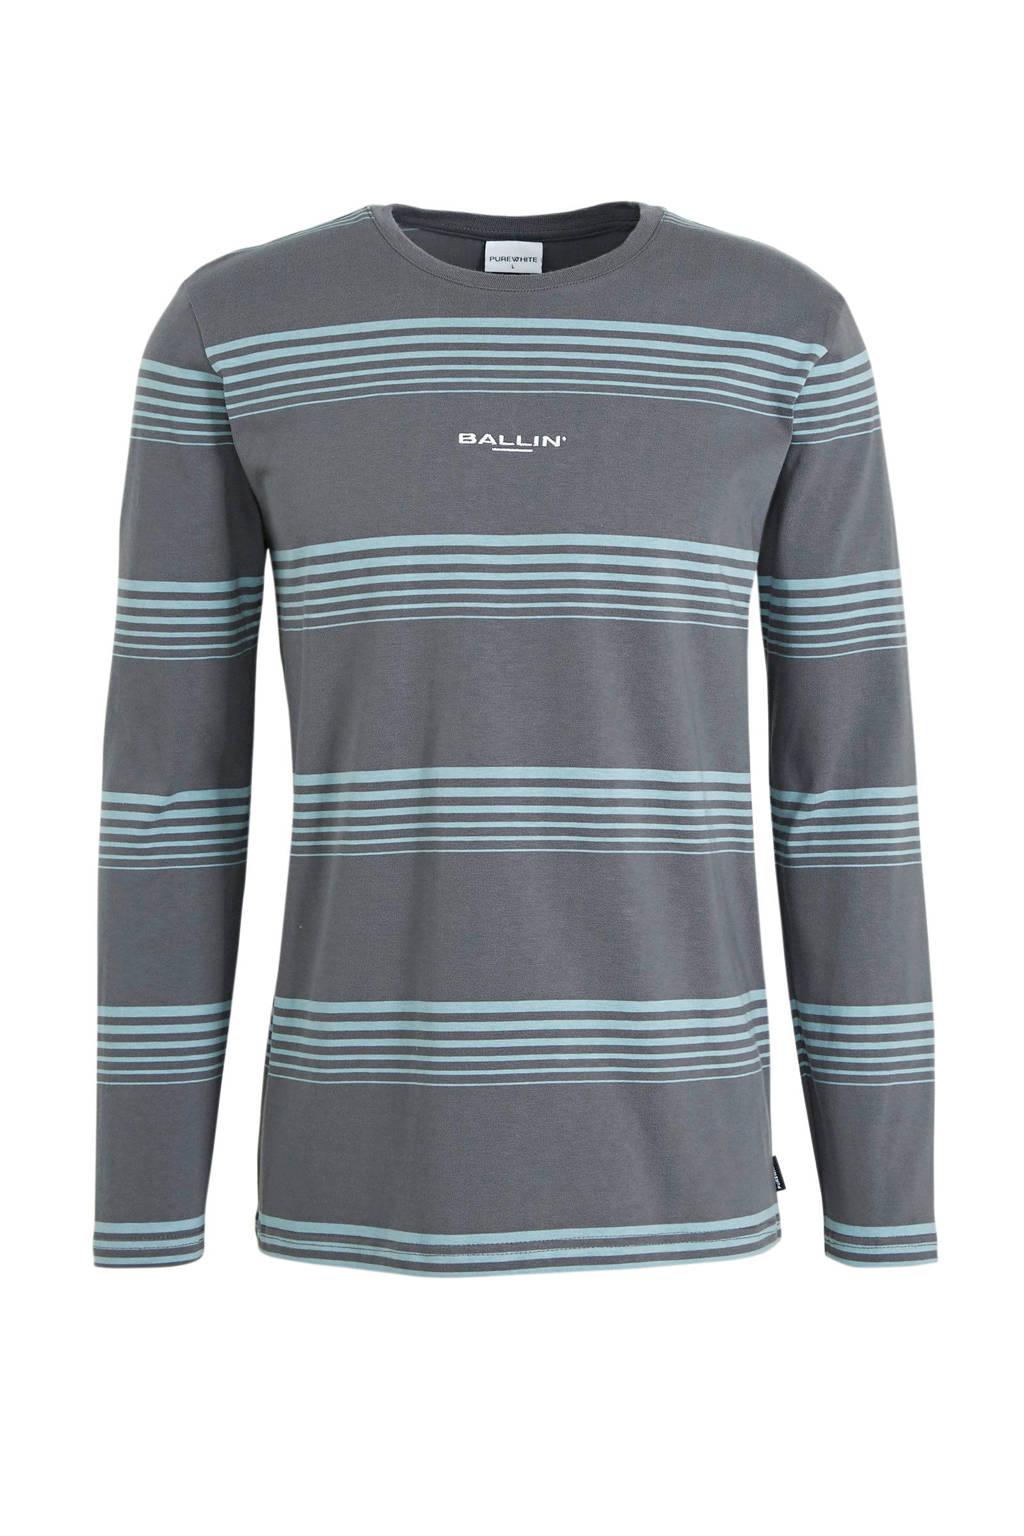 Ballin gestreept T-shirt grijs/blauw, Grijs/blauw